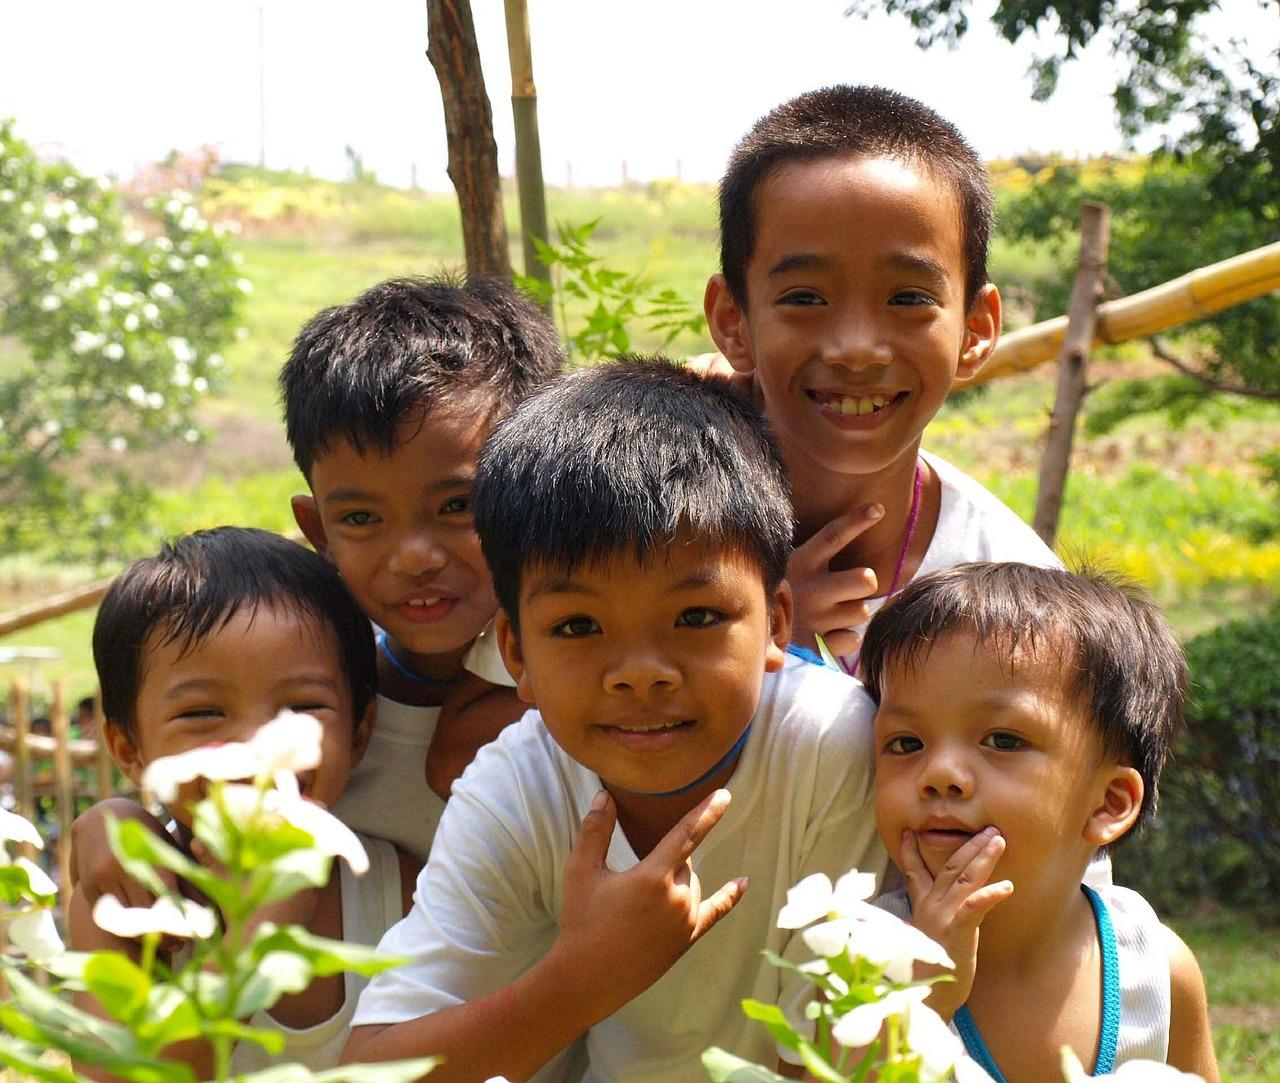 Kinder-in-Asien.jpg